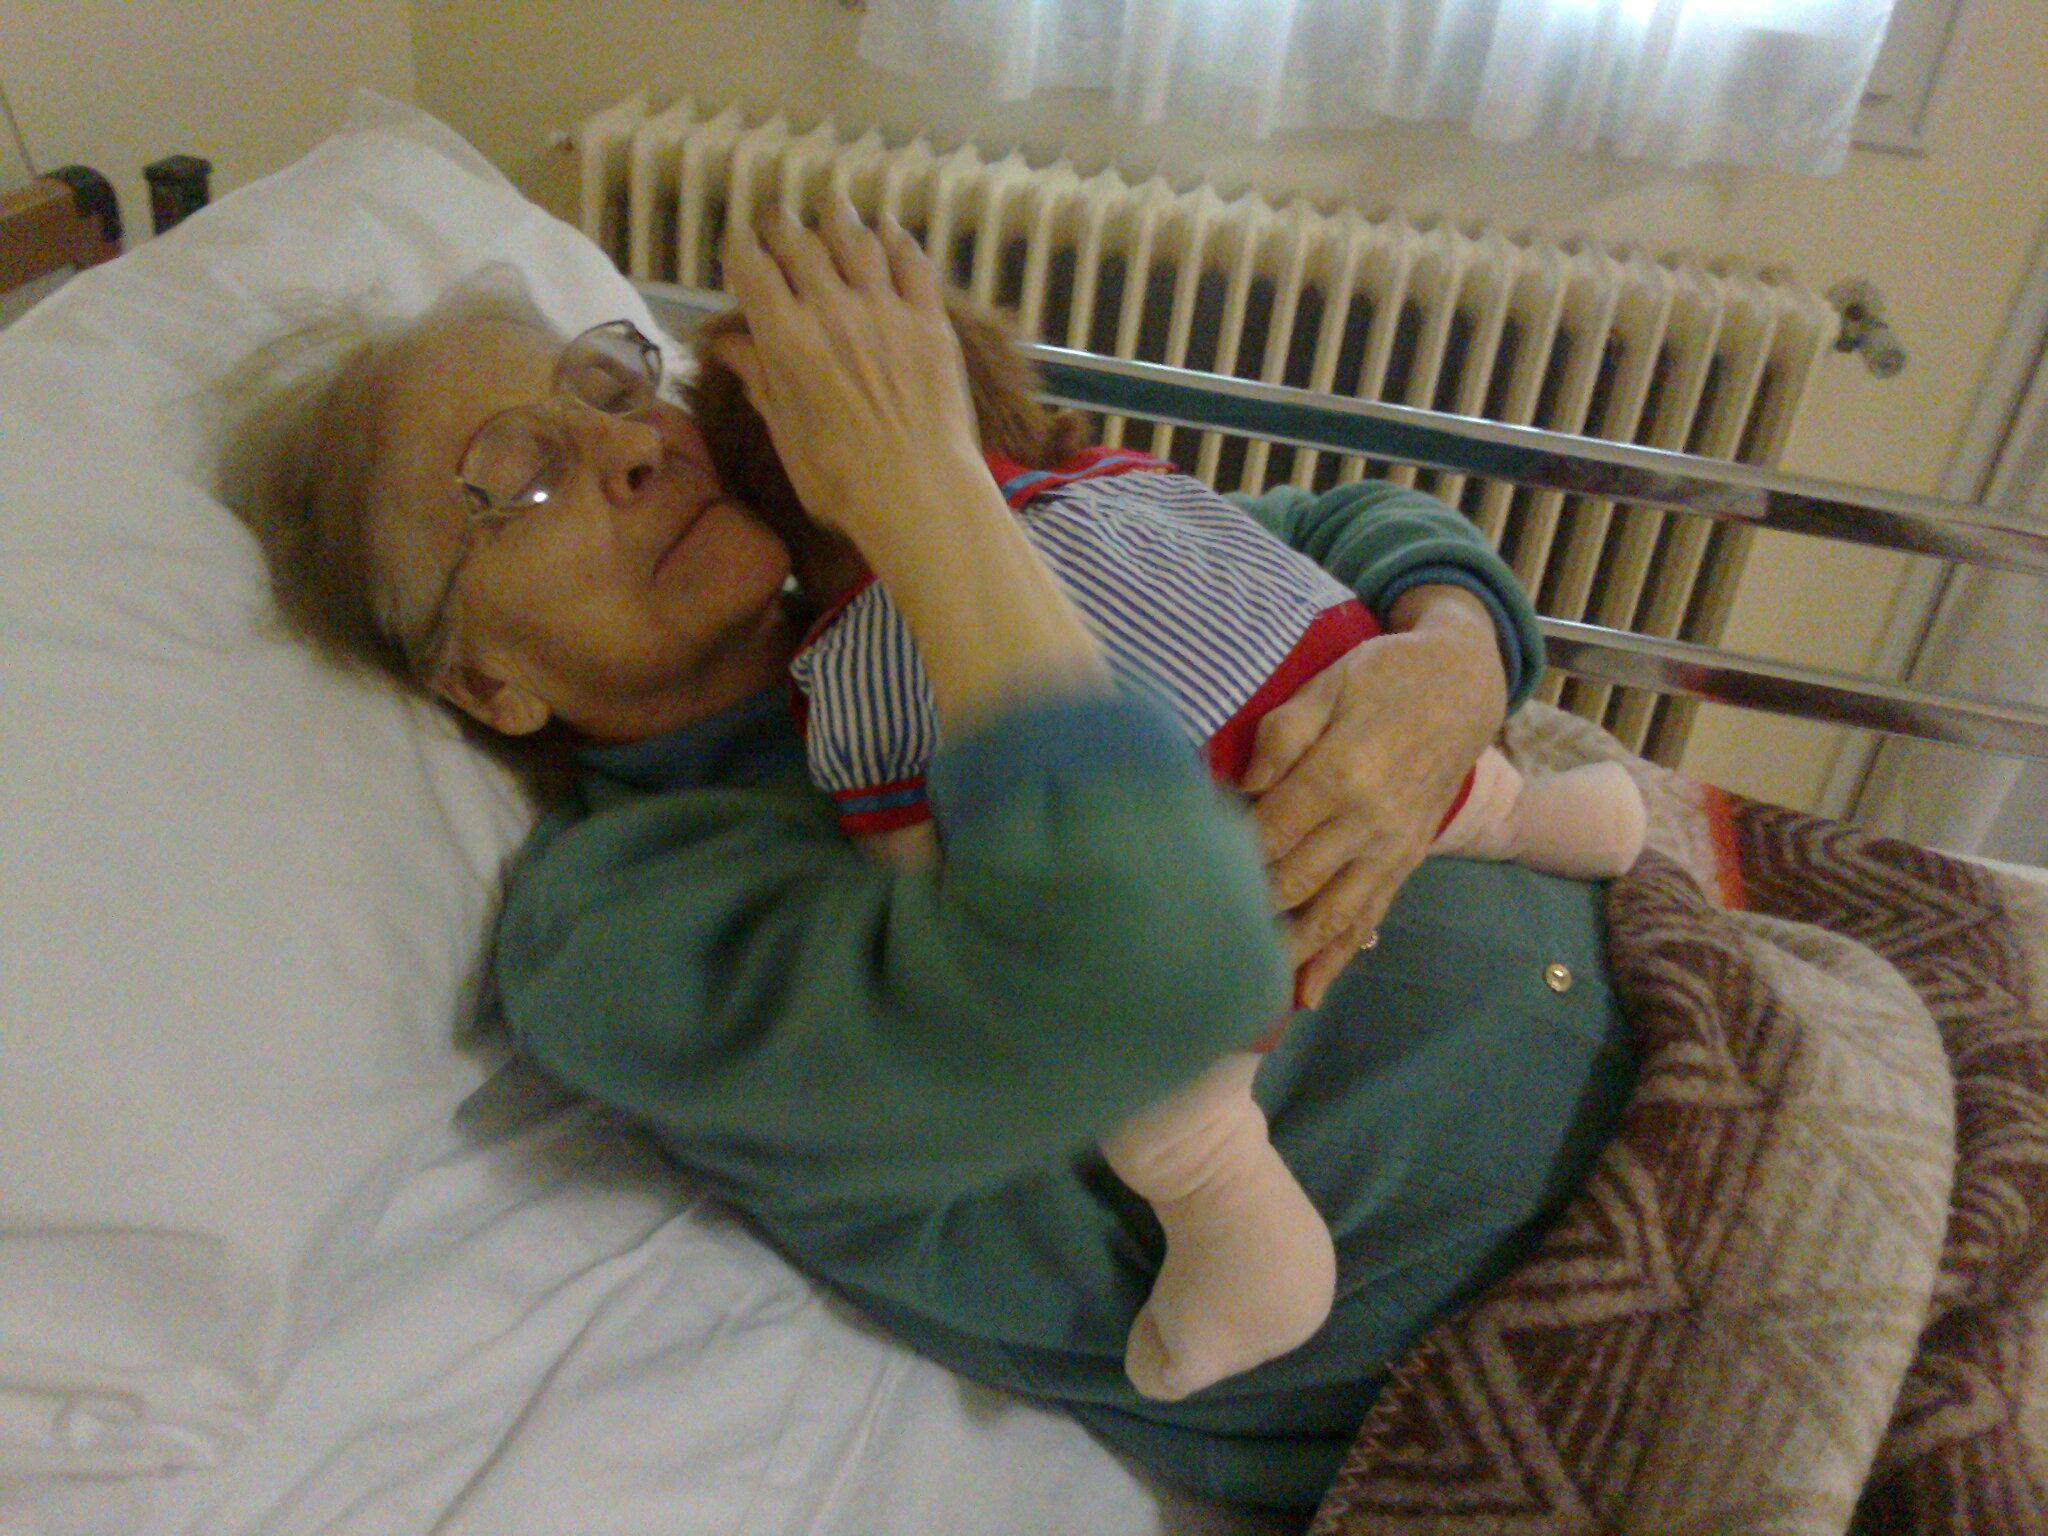 La Terapia della bambola: un metodo naturale per gli anziani